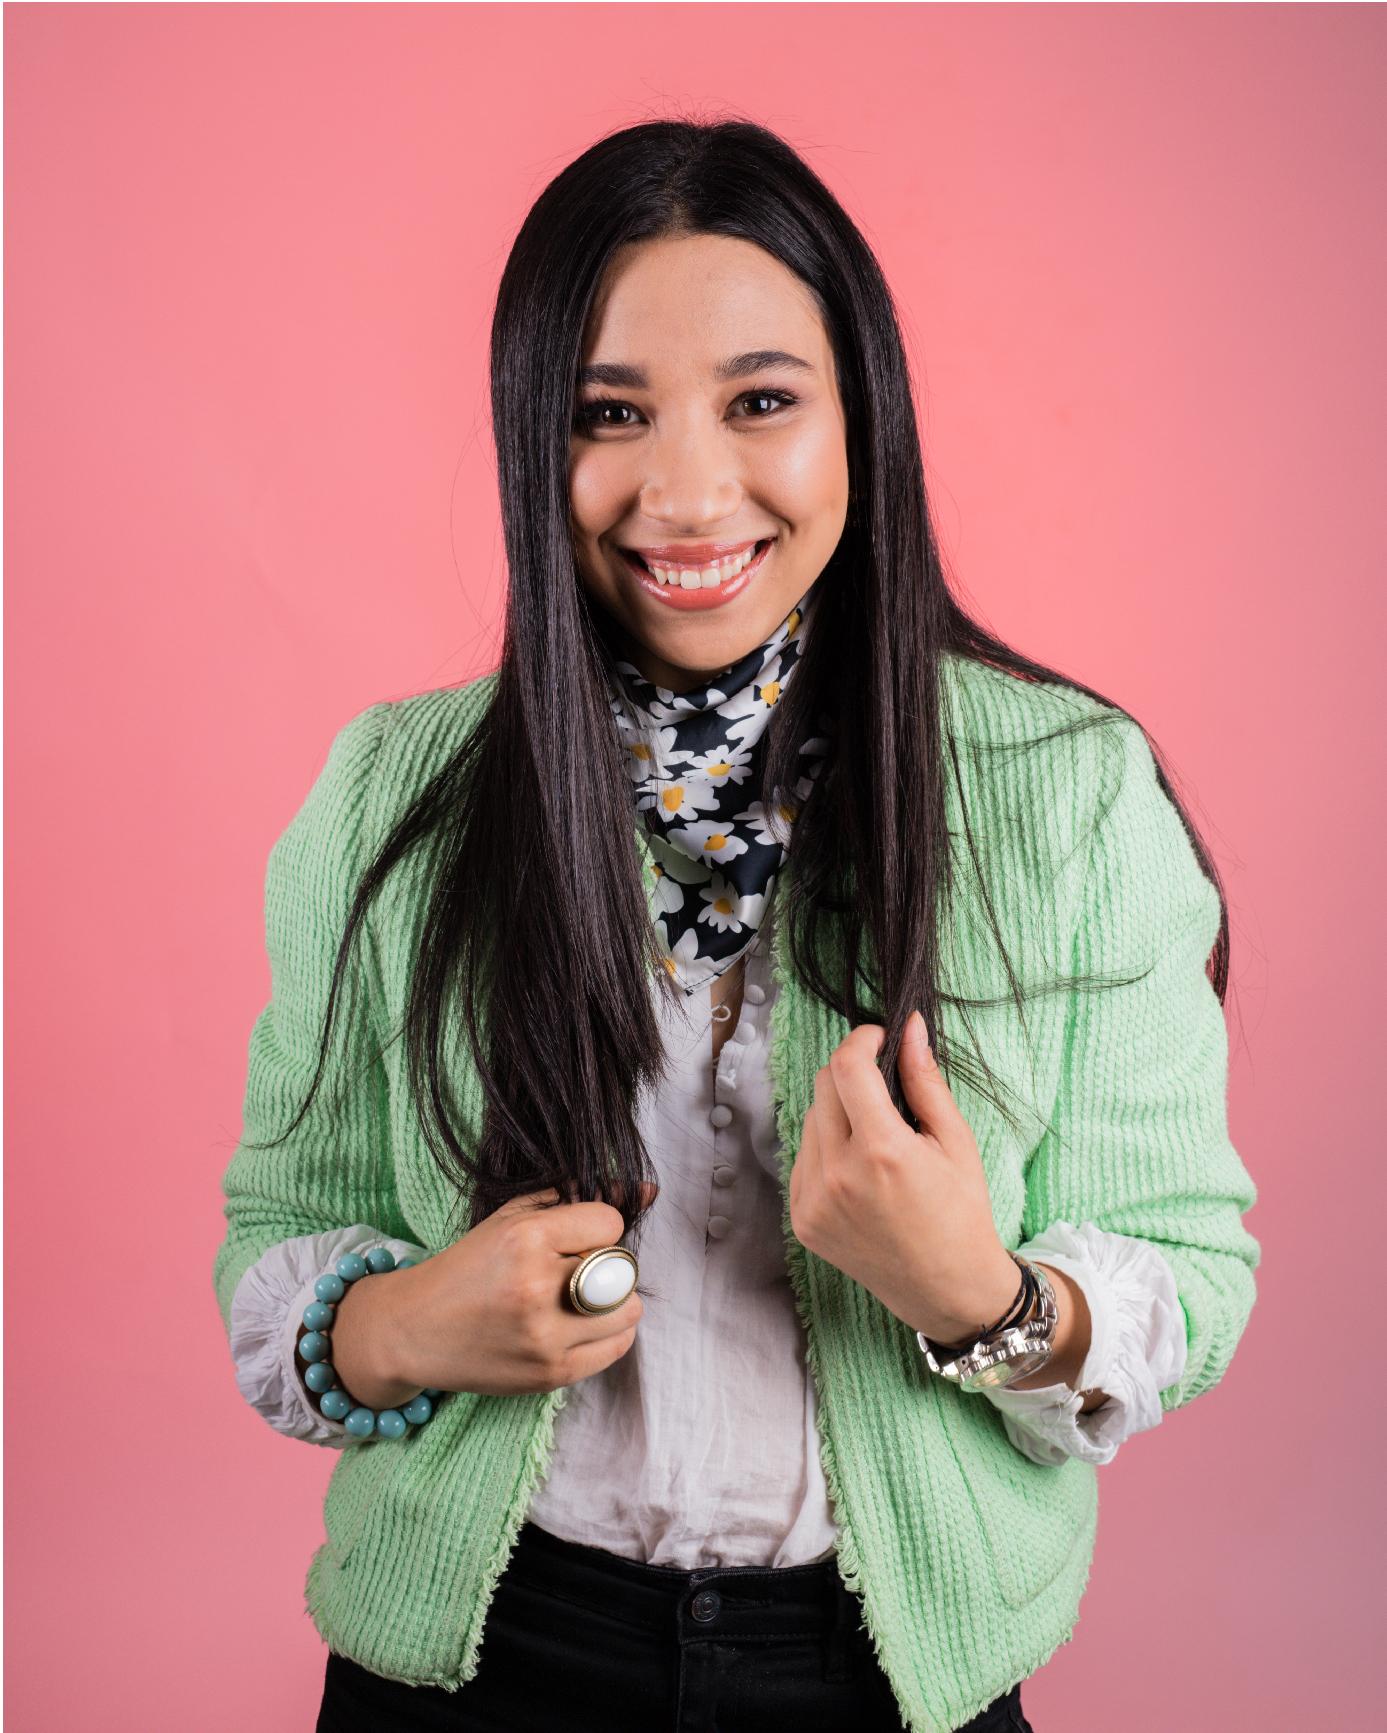 Tigre - María Margarita Ariza